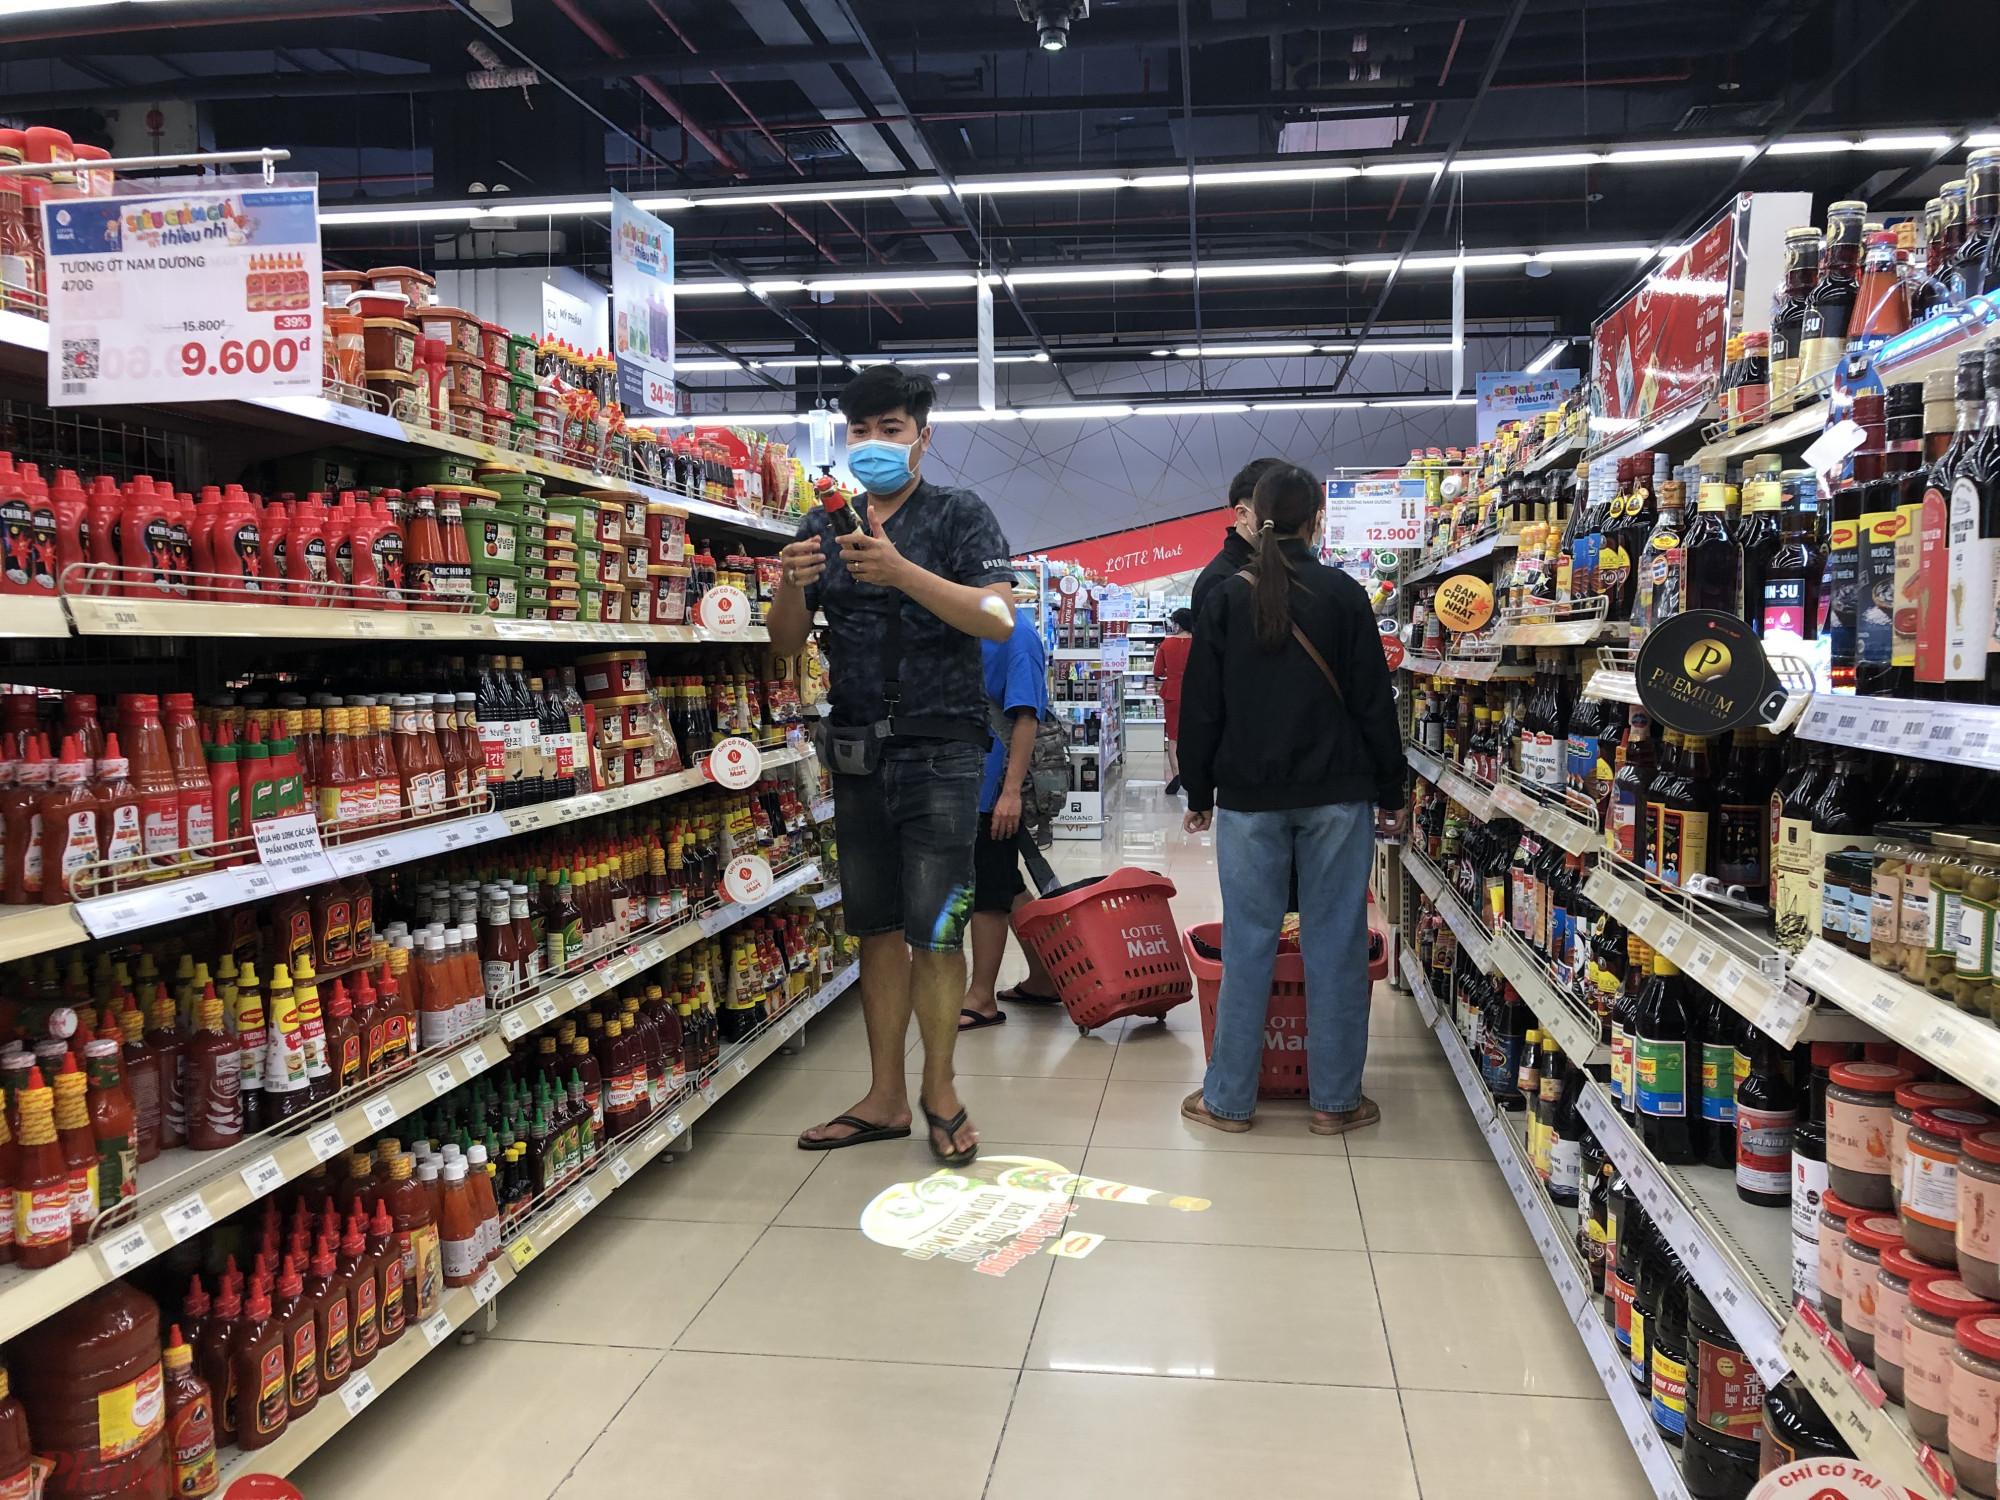 Phần lớn các nhu yếu phẩm tại siêu thị đều được giảm giá, tặng kèm khuyến mãi để kích cầu người tiêu dùng. Dịch bệnh, xu hướng tiêu dùng của người dân đã thay đổi hẳn, họ thường chọn sản phẩm có kèm khuyến mãi hơn là sẵn phẩm không khuyến mãi.